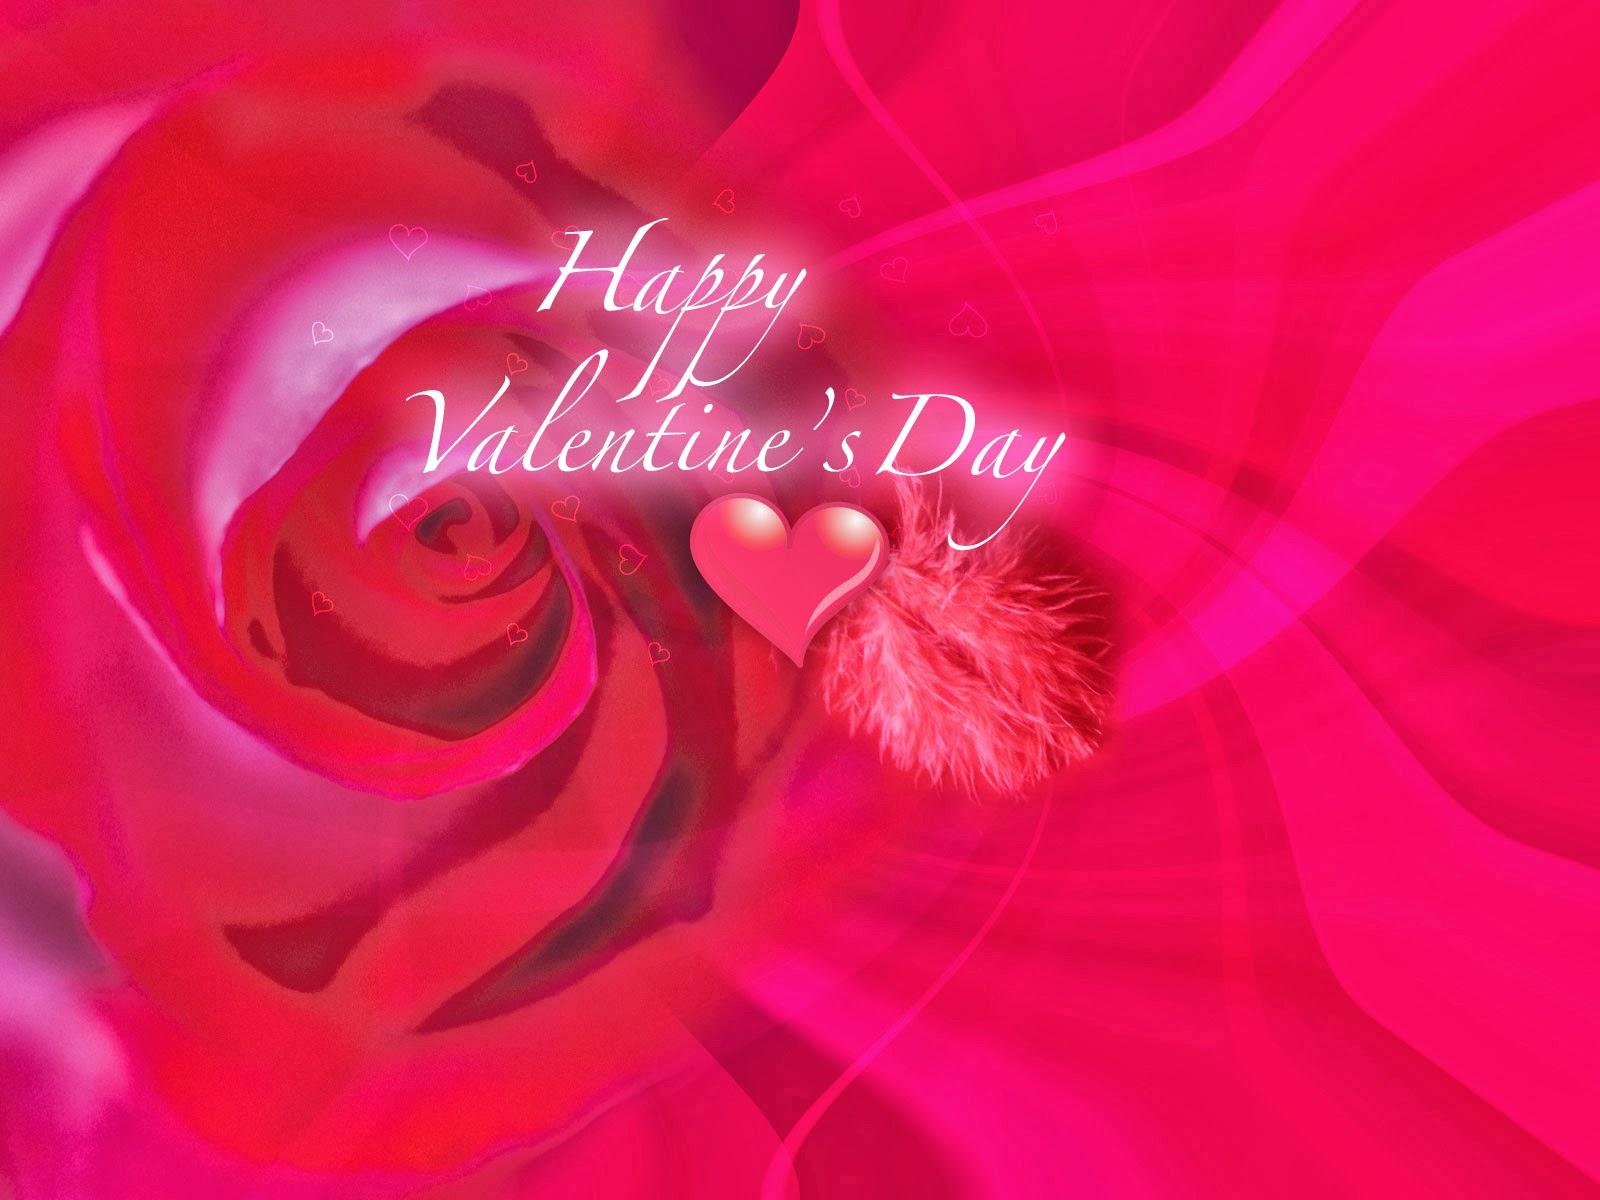 valentine-day-gift-ecard-free-download.jpg